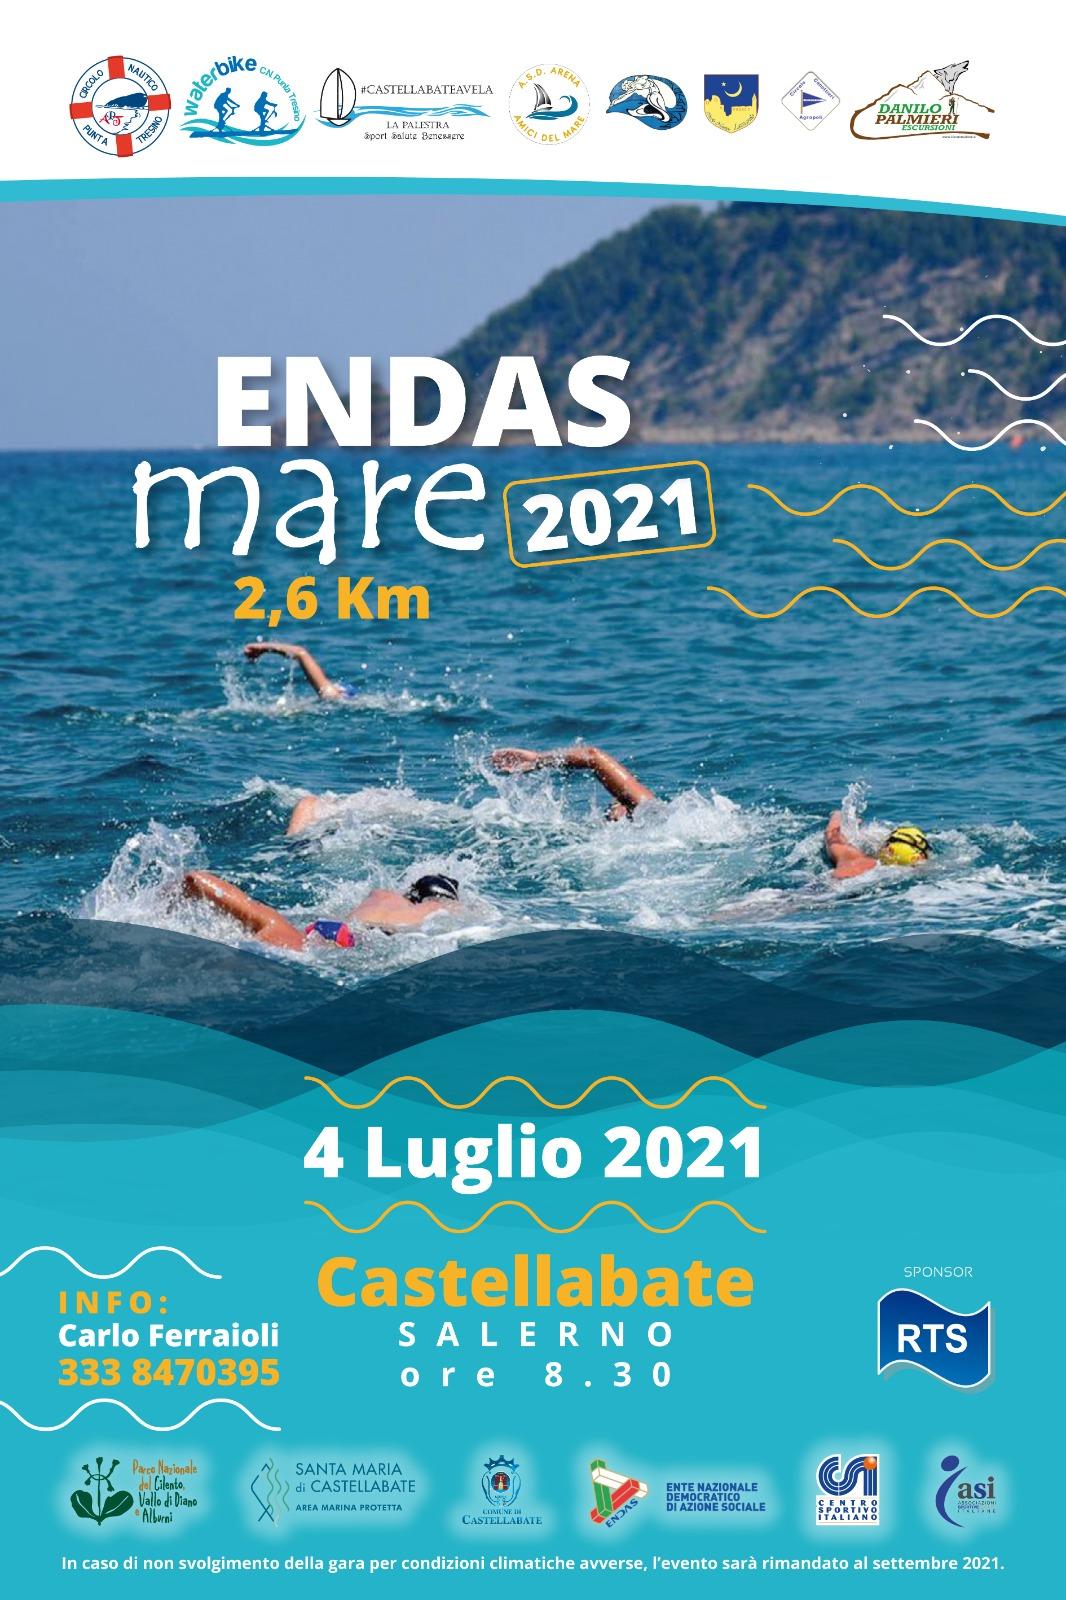 Gare di Nuoto in mare nel Golfo di Castellabate 4 Luglio 2021